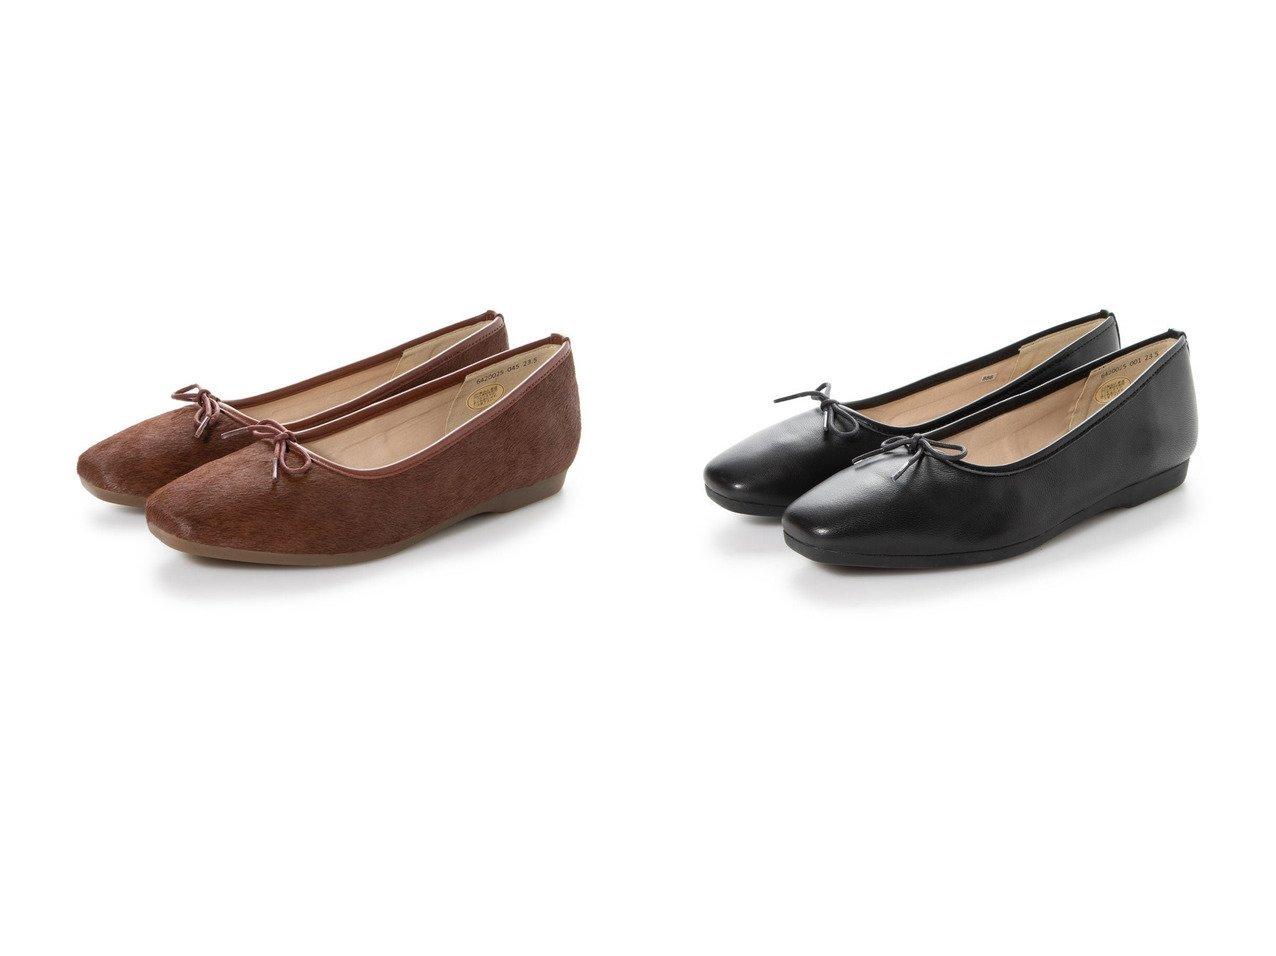 【cava cava/サヴァサヴァ】のバレエシューズ シューズ・靴のおすすめ!人気、トレンド・レディースファッションの通販  おすすめで人気の流行・トレンド、ファッションの通販商品 メンズファッション・キッズファッション・インテリア・家具・レディースファッション・服の通販 founy(ファニー) https://founy.com/ ファッション Fashion レディースファッション WOMEN シューズ バレエ パイピング リボン |ID:crp329100000010860